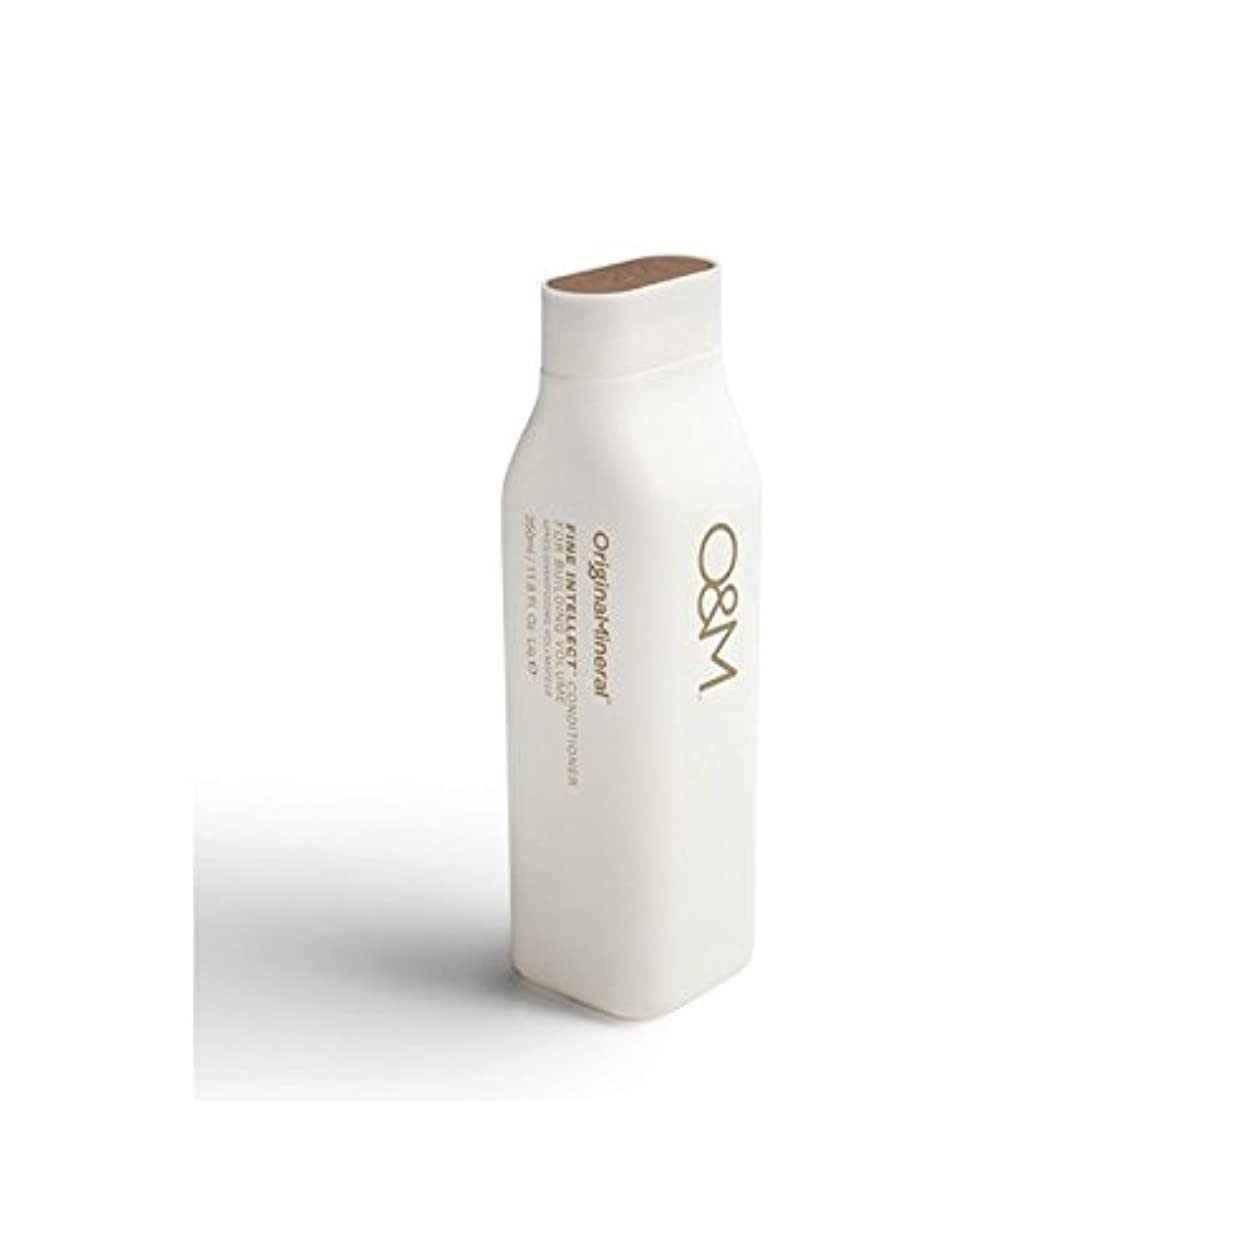 没頭する橋脚高尚なオリジナル&ミネラル細かい知性コンディショナー(350ミリリットル) x4 - Original & Mineral Fine Intellect Conditioner (350ml) (Pack of 4) [並行輸入品]